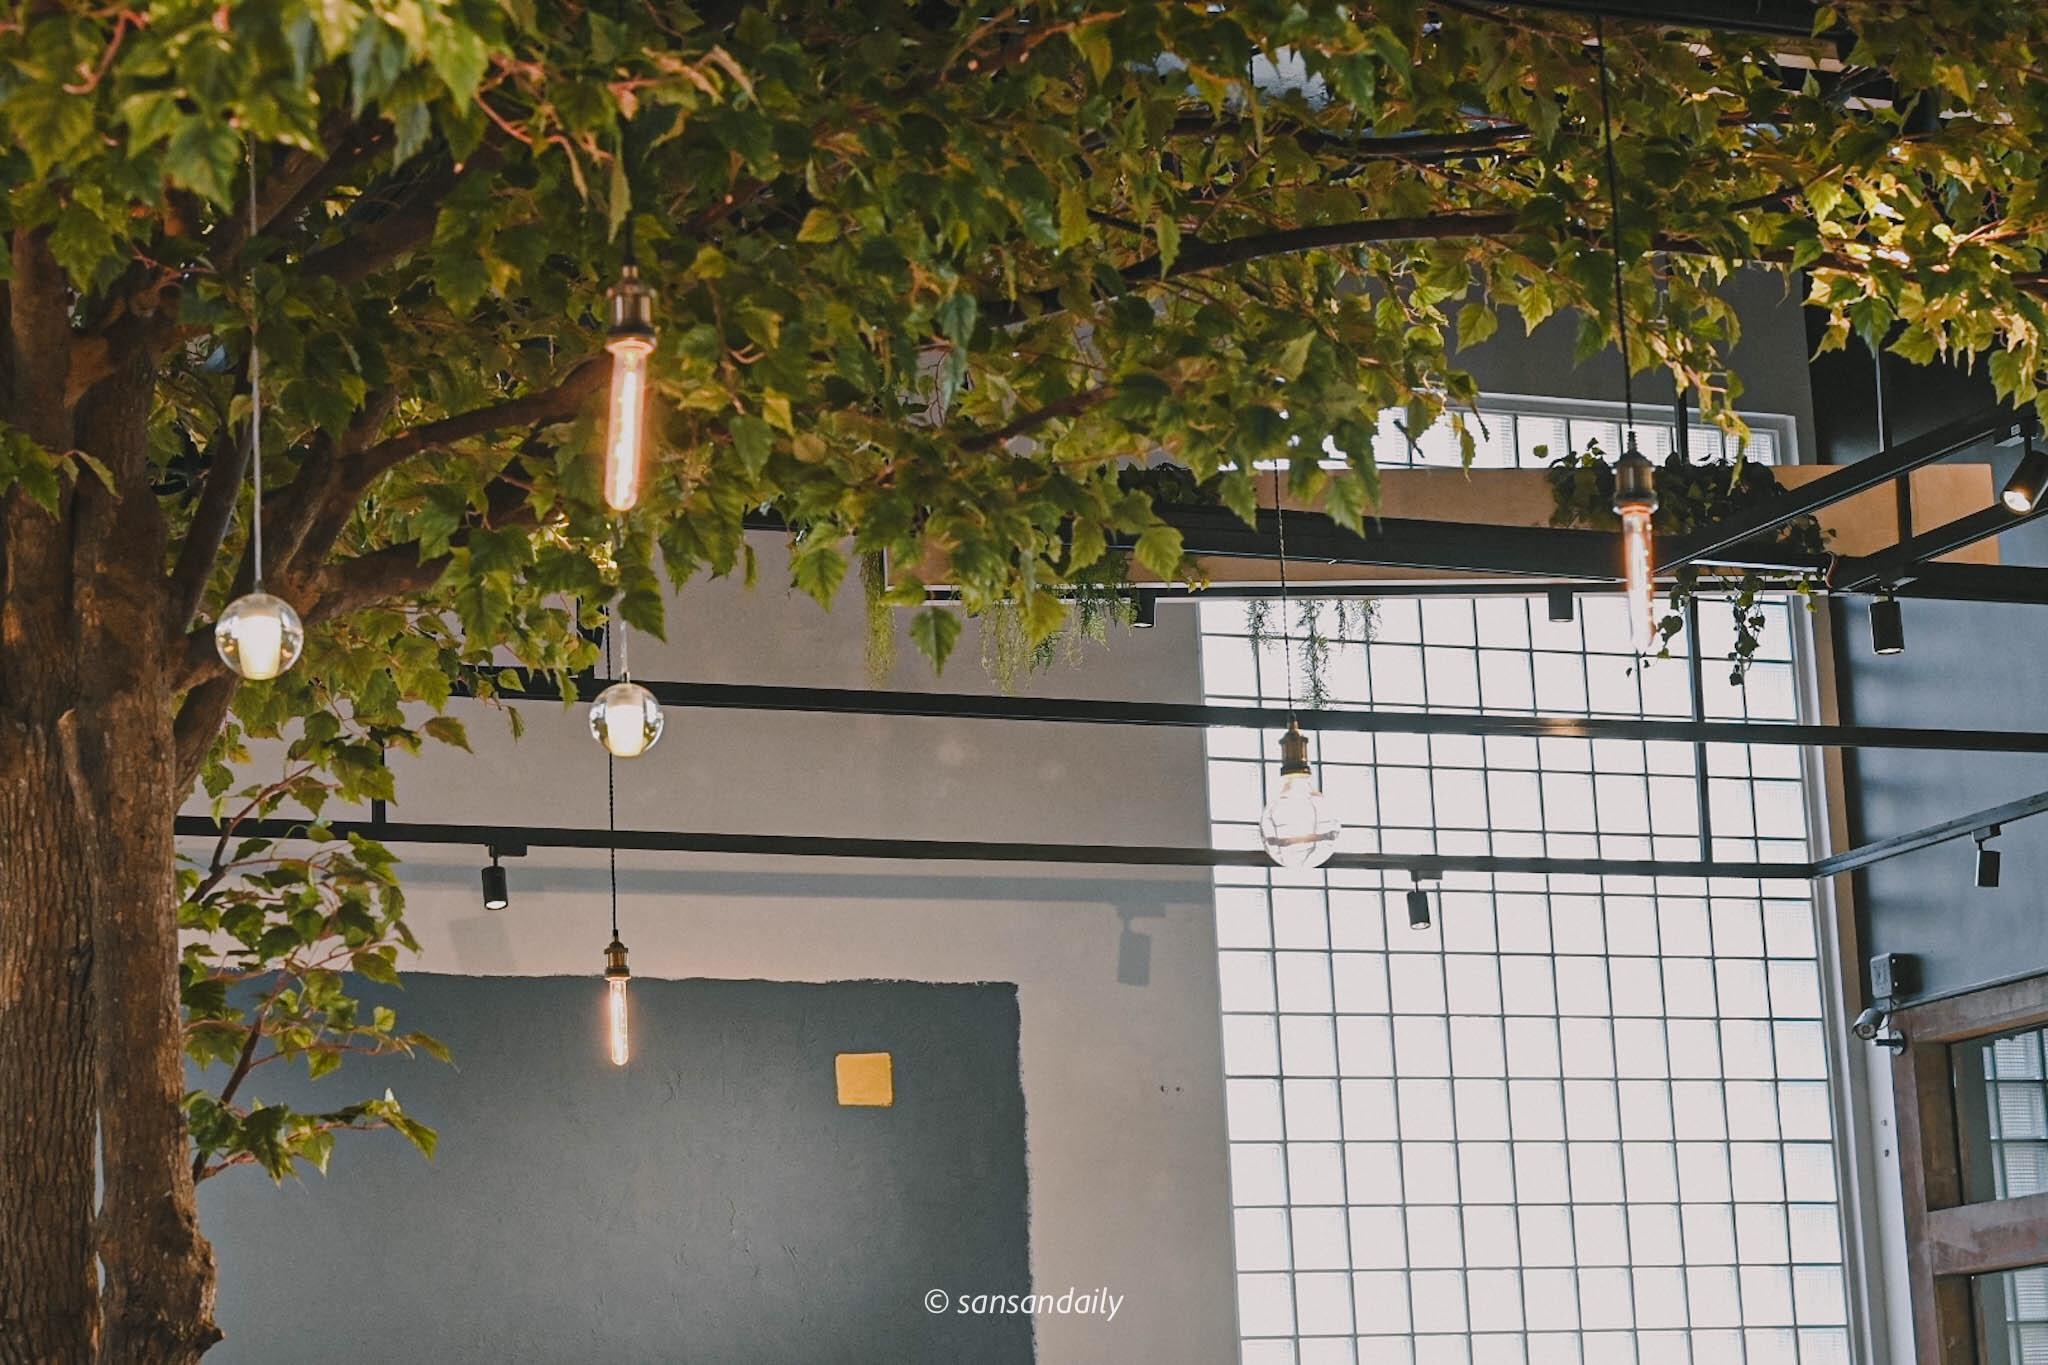 GUMGUM Beer & Wings雞翅酒吧內科店 頂天植栽裝飾局部圖